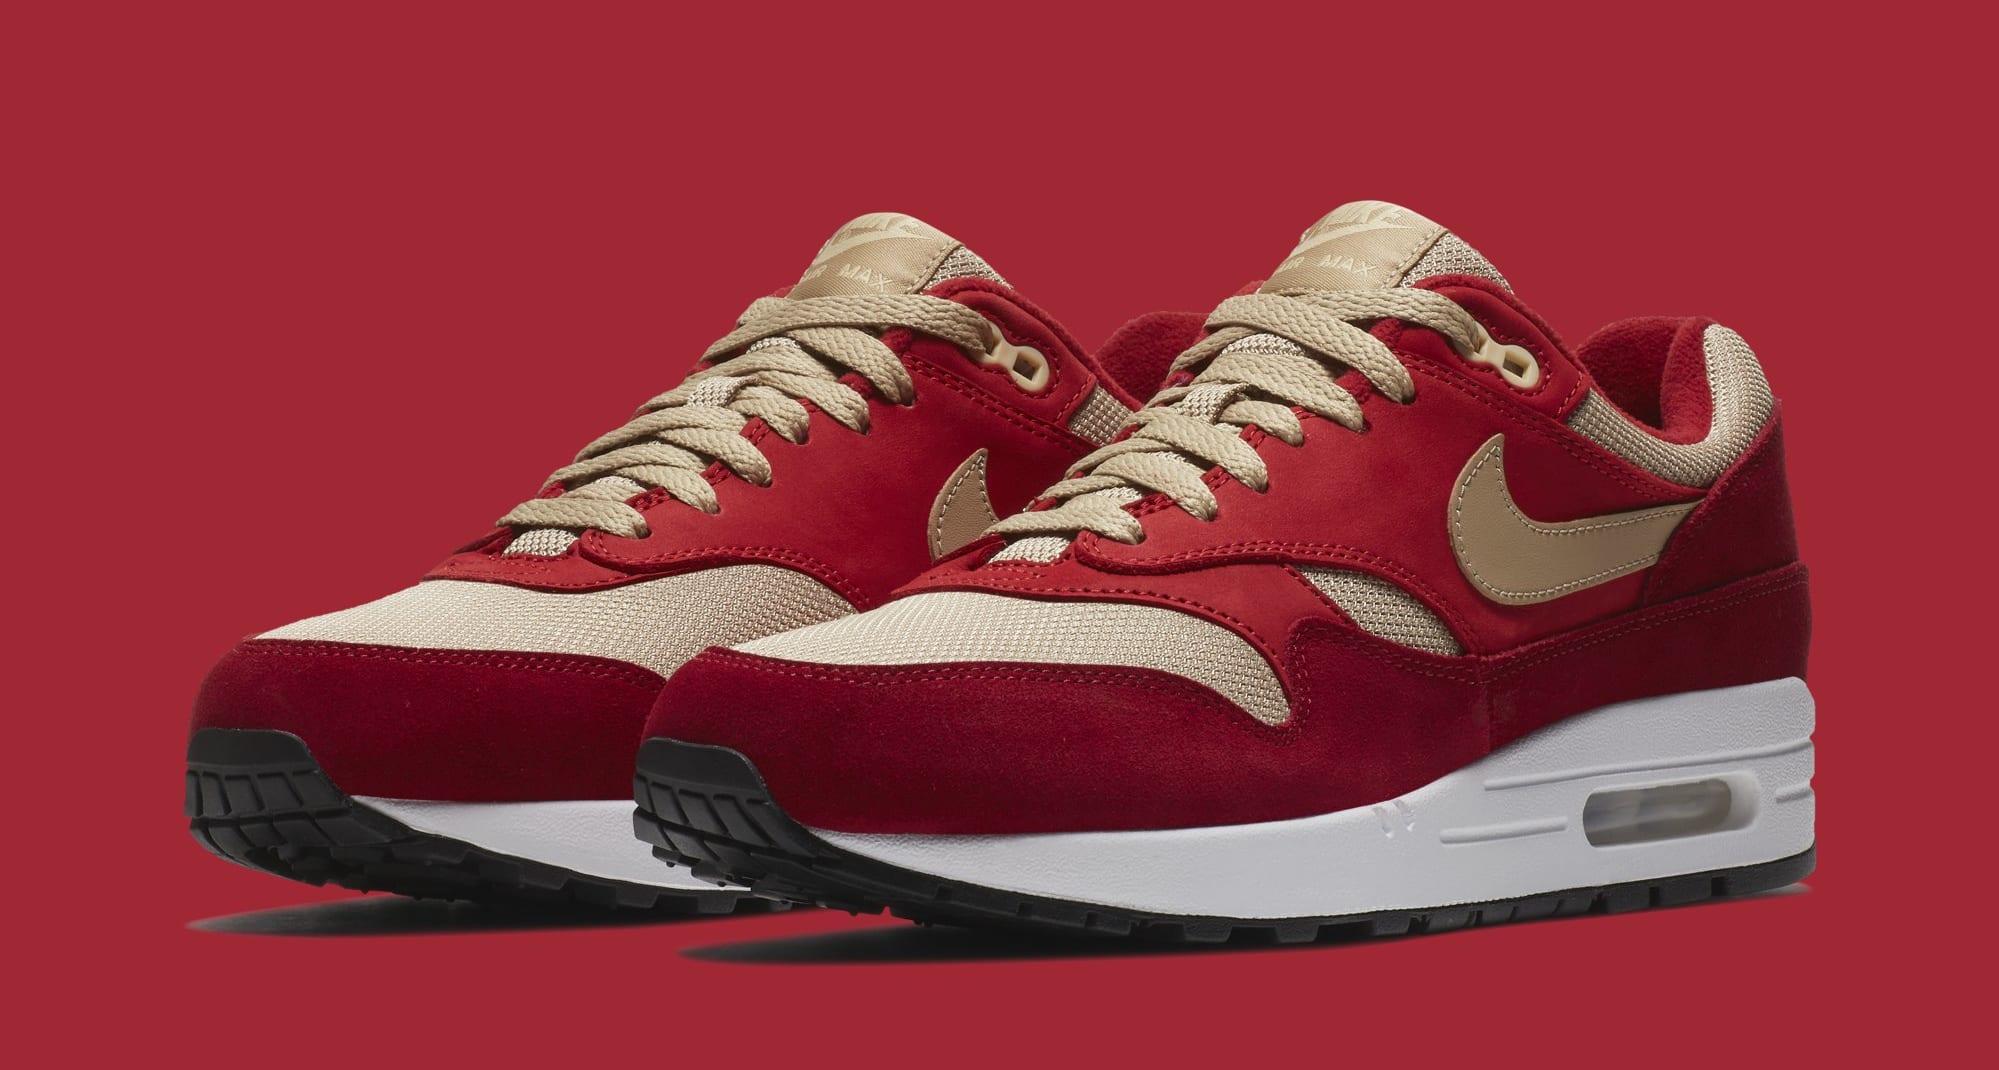 Atmos x Nike Air Max 1 'Red Curry' 908366-600 (Pair)